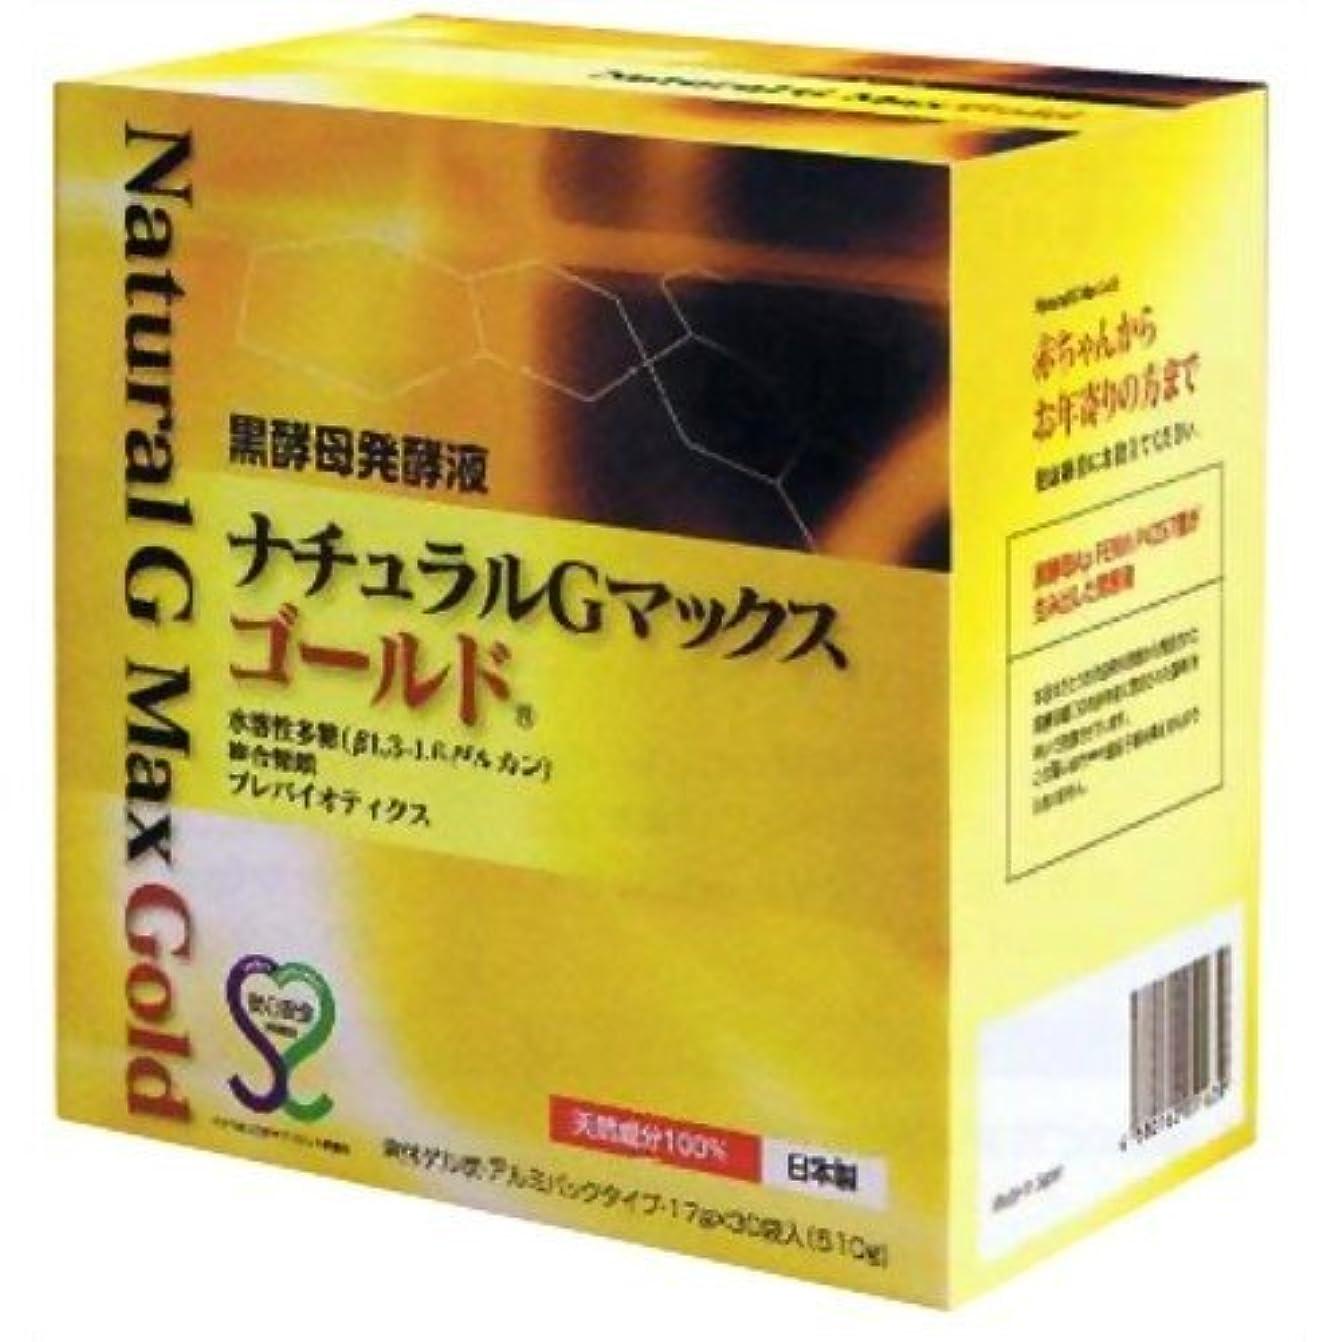 バックグラウンド憎しみバランスのとれた黒酵母発酵液 ナチュラルGマックスゴールド 17g×30袋